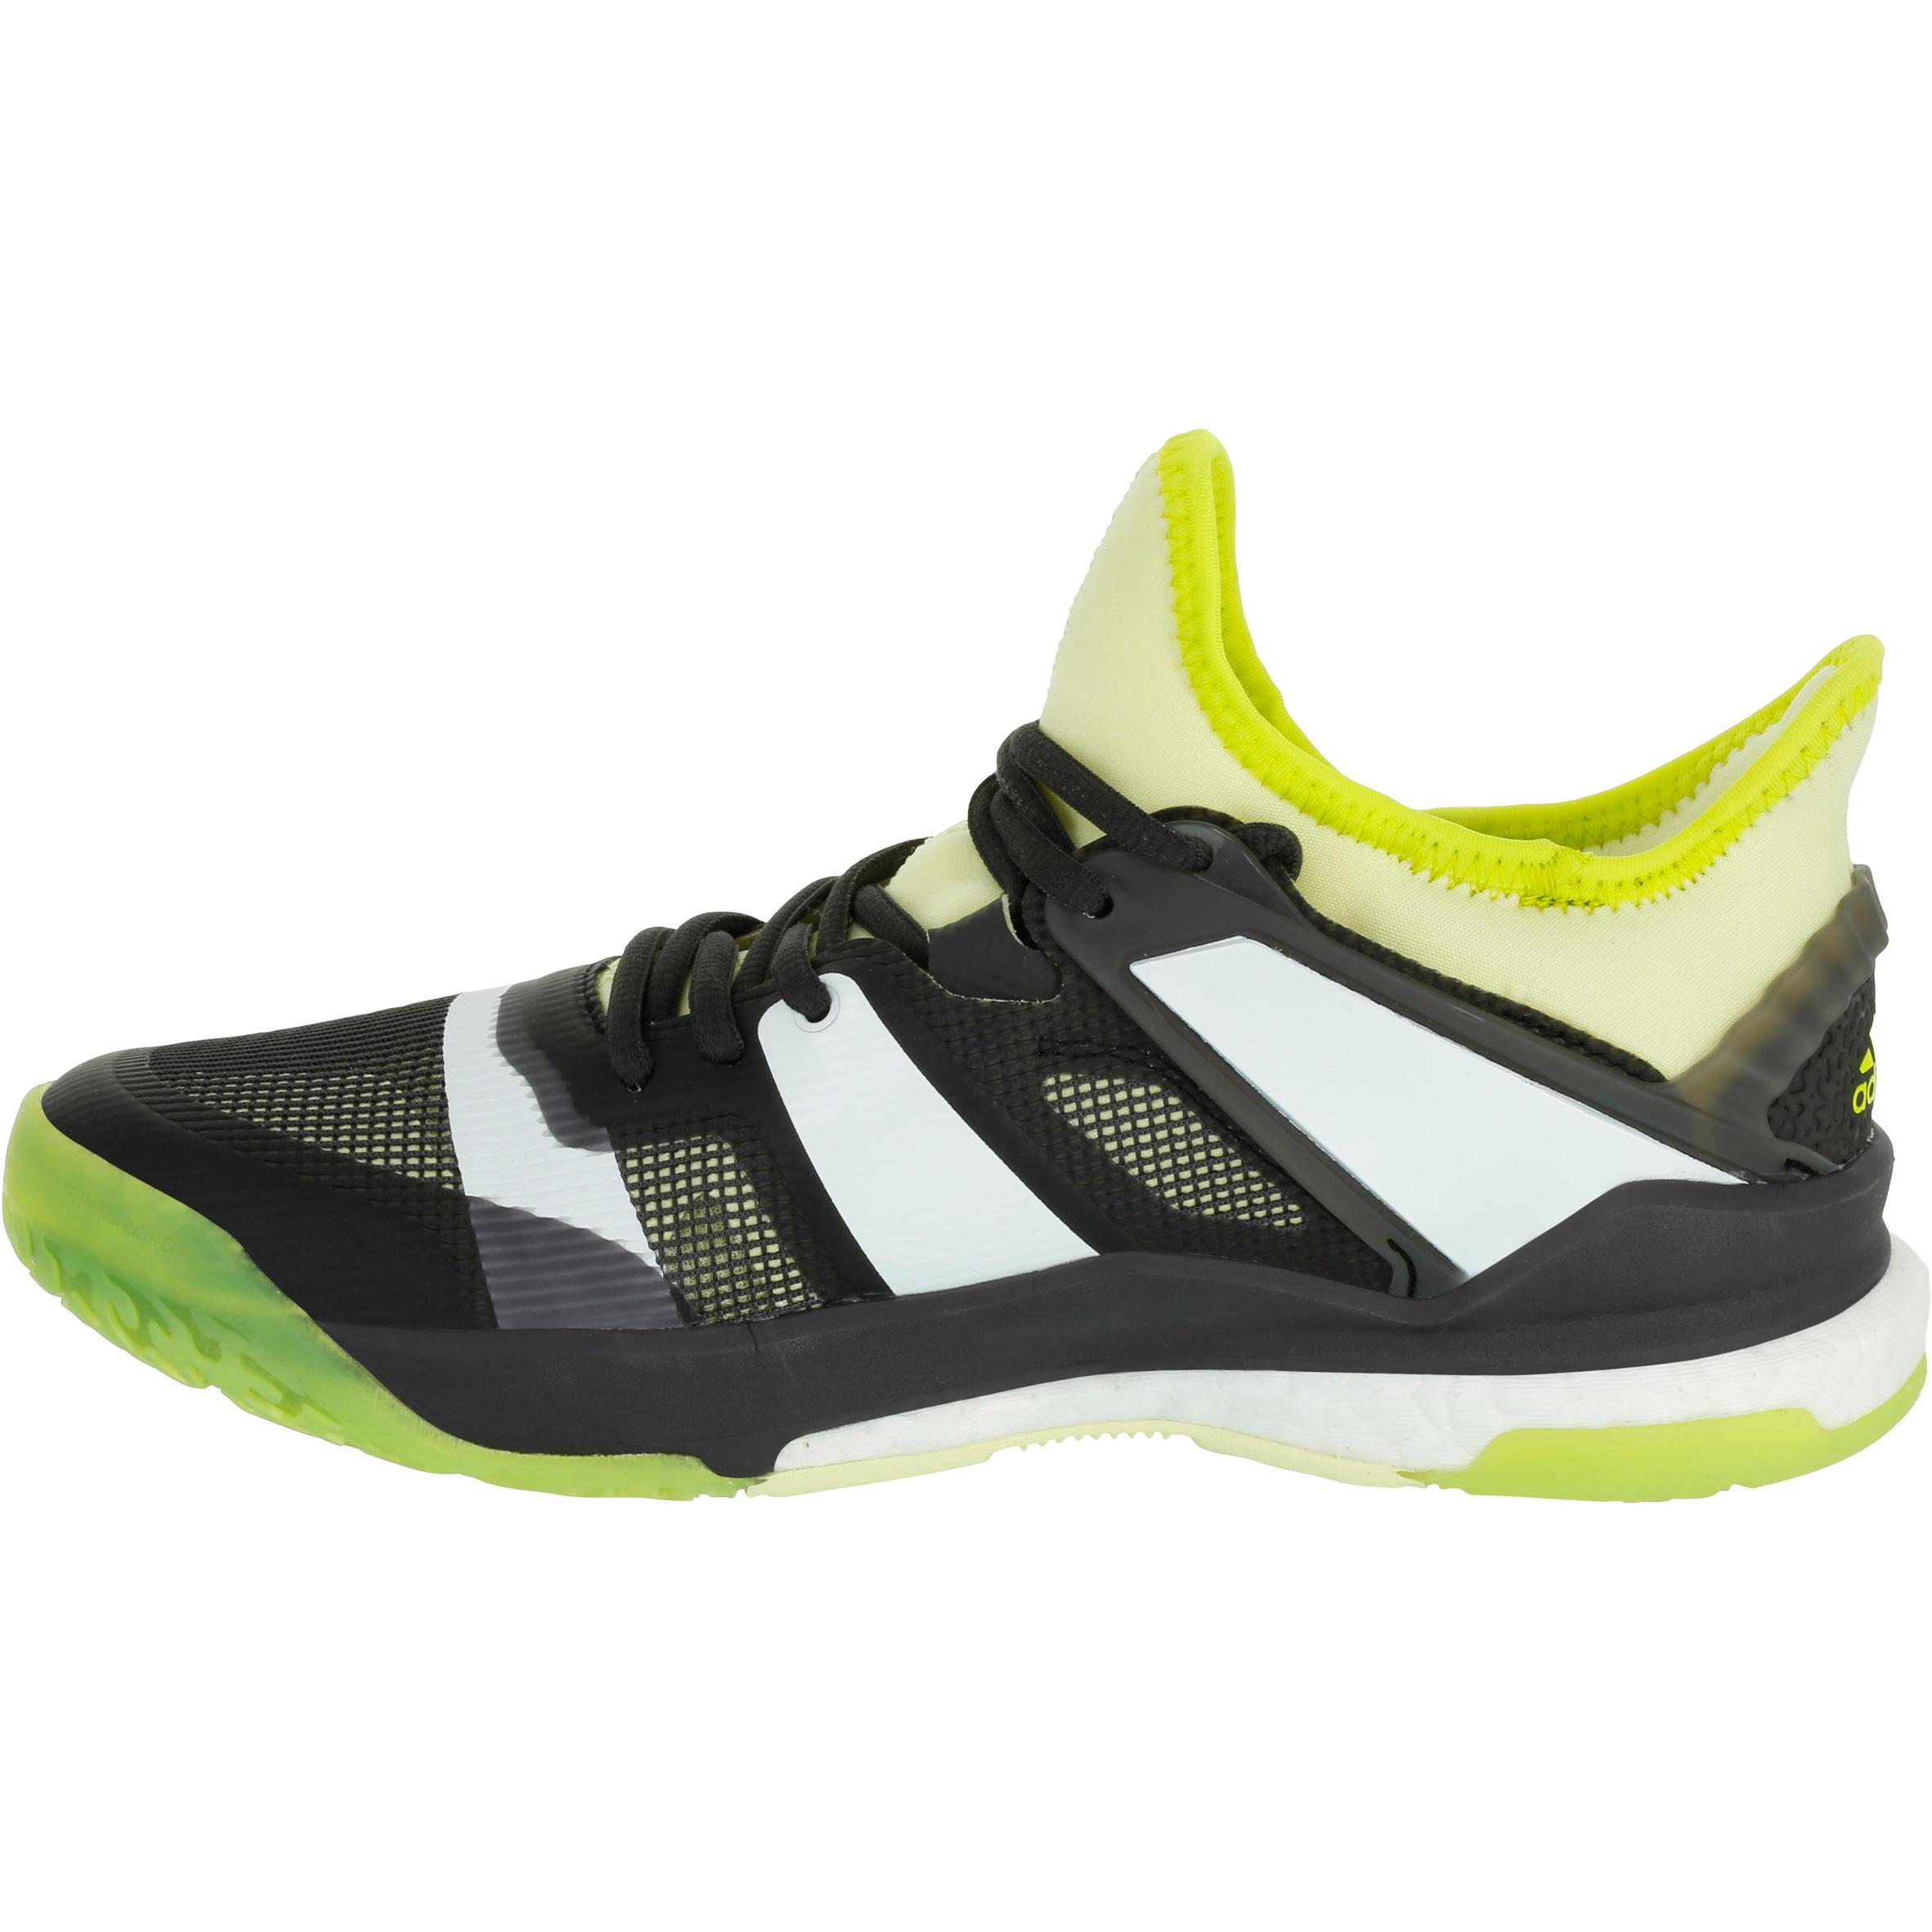 Chaussure de handball adulte Adidas Stabil Boost jaune et noir 2017